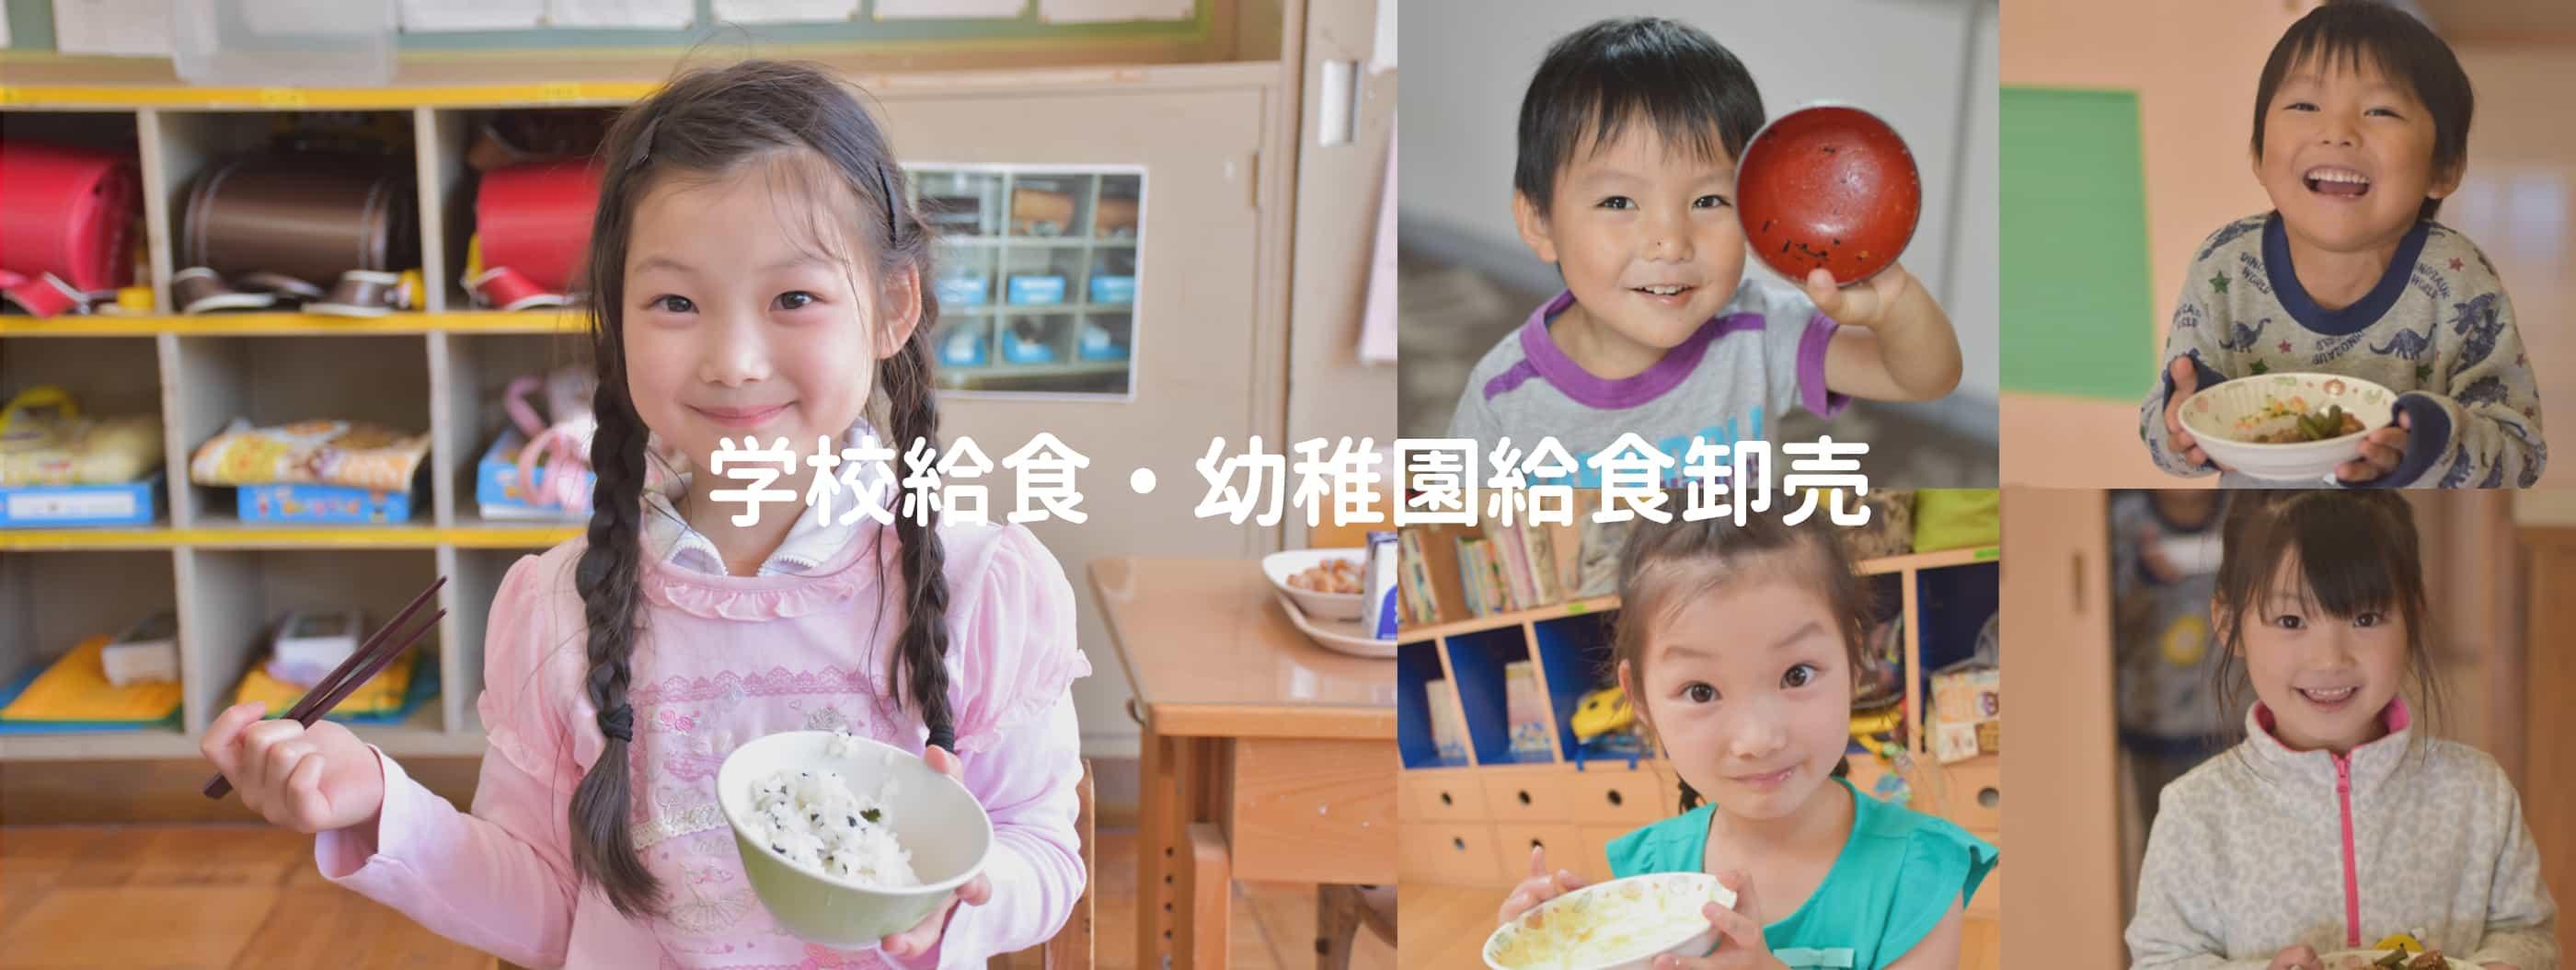 学校給食・幼稚園給食卸売